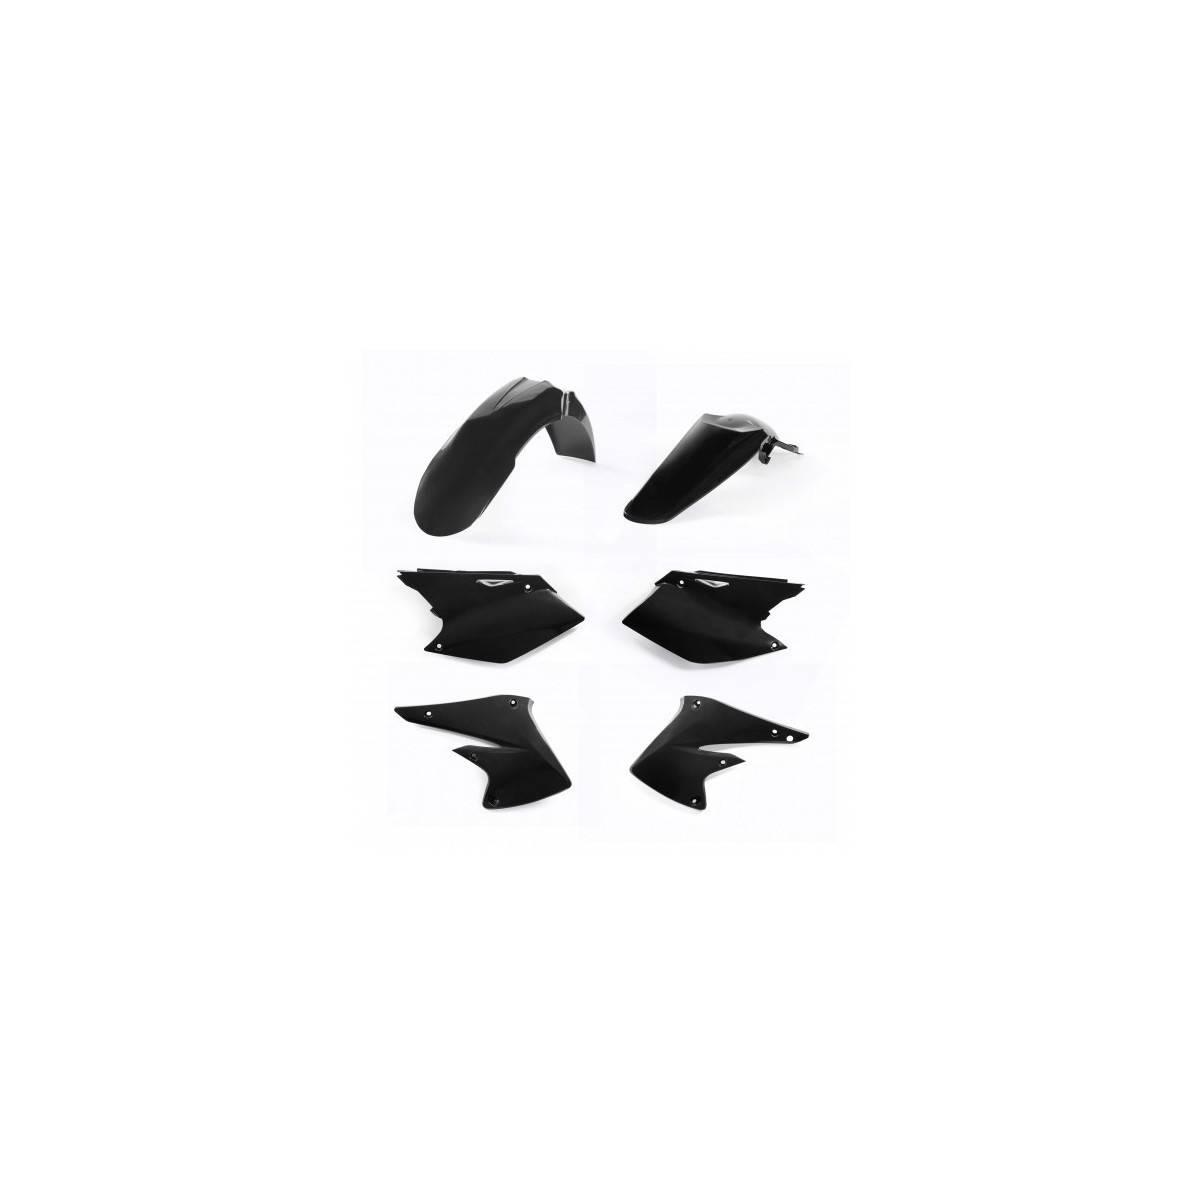 0010352-090 - Kit Plasticos Acerbis Crf 150 07 18 Negro